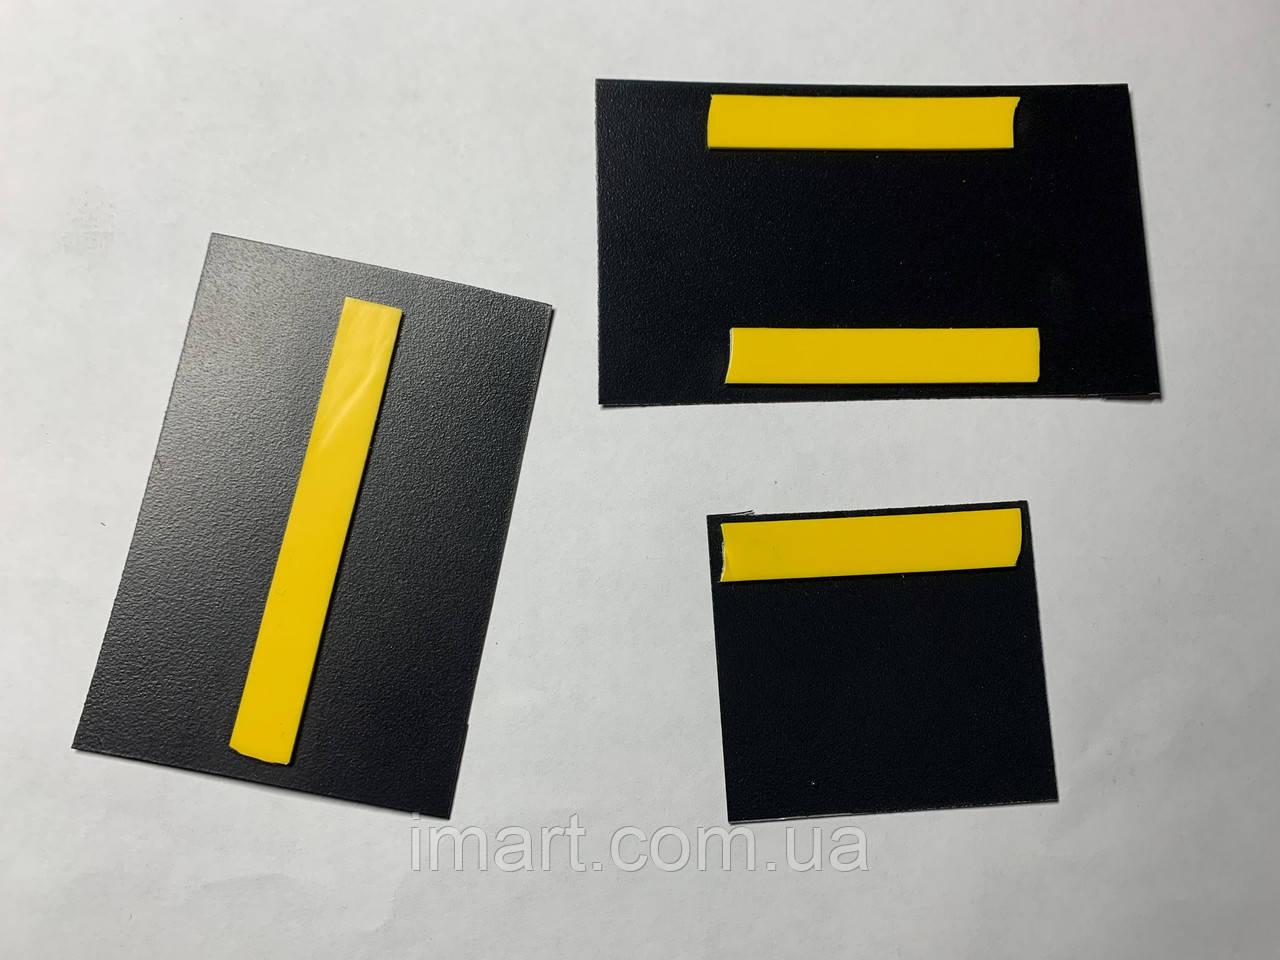 Меловой ценник А8 (5х7 см) наклейка. Для надписей мелом и маркером. Грифельная табличка